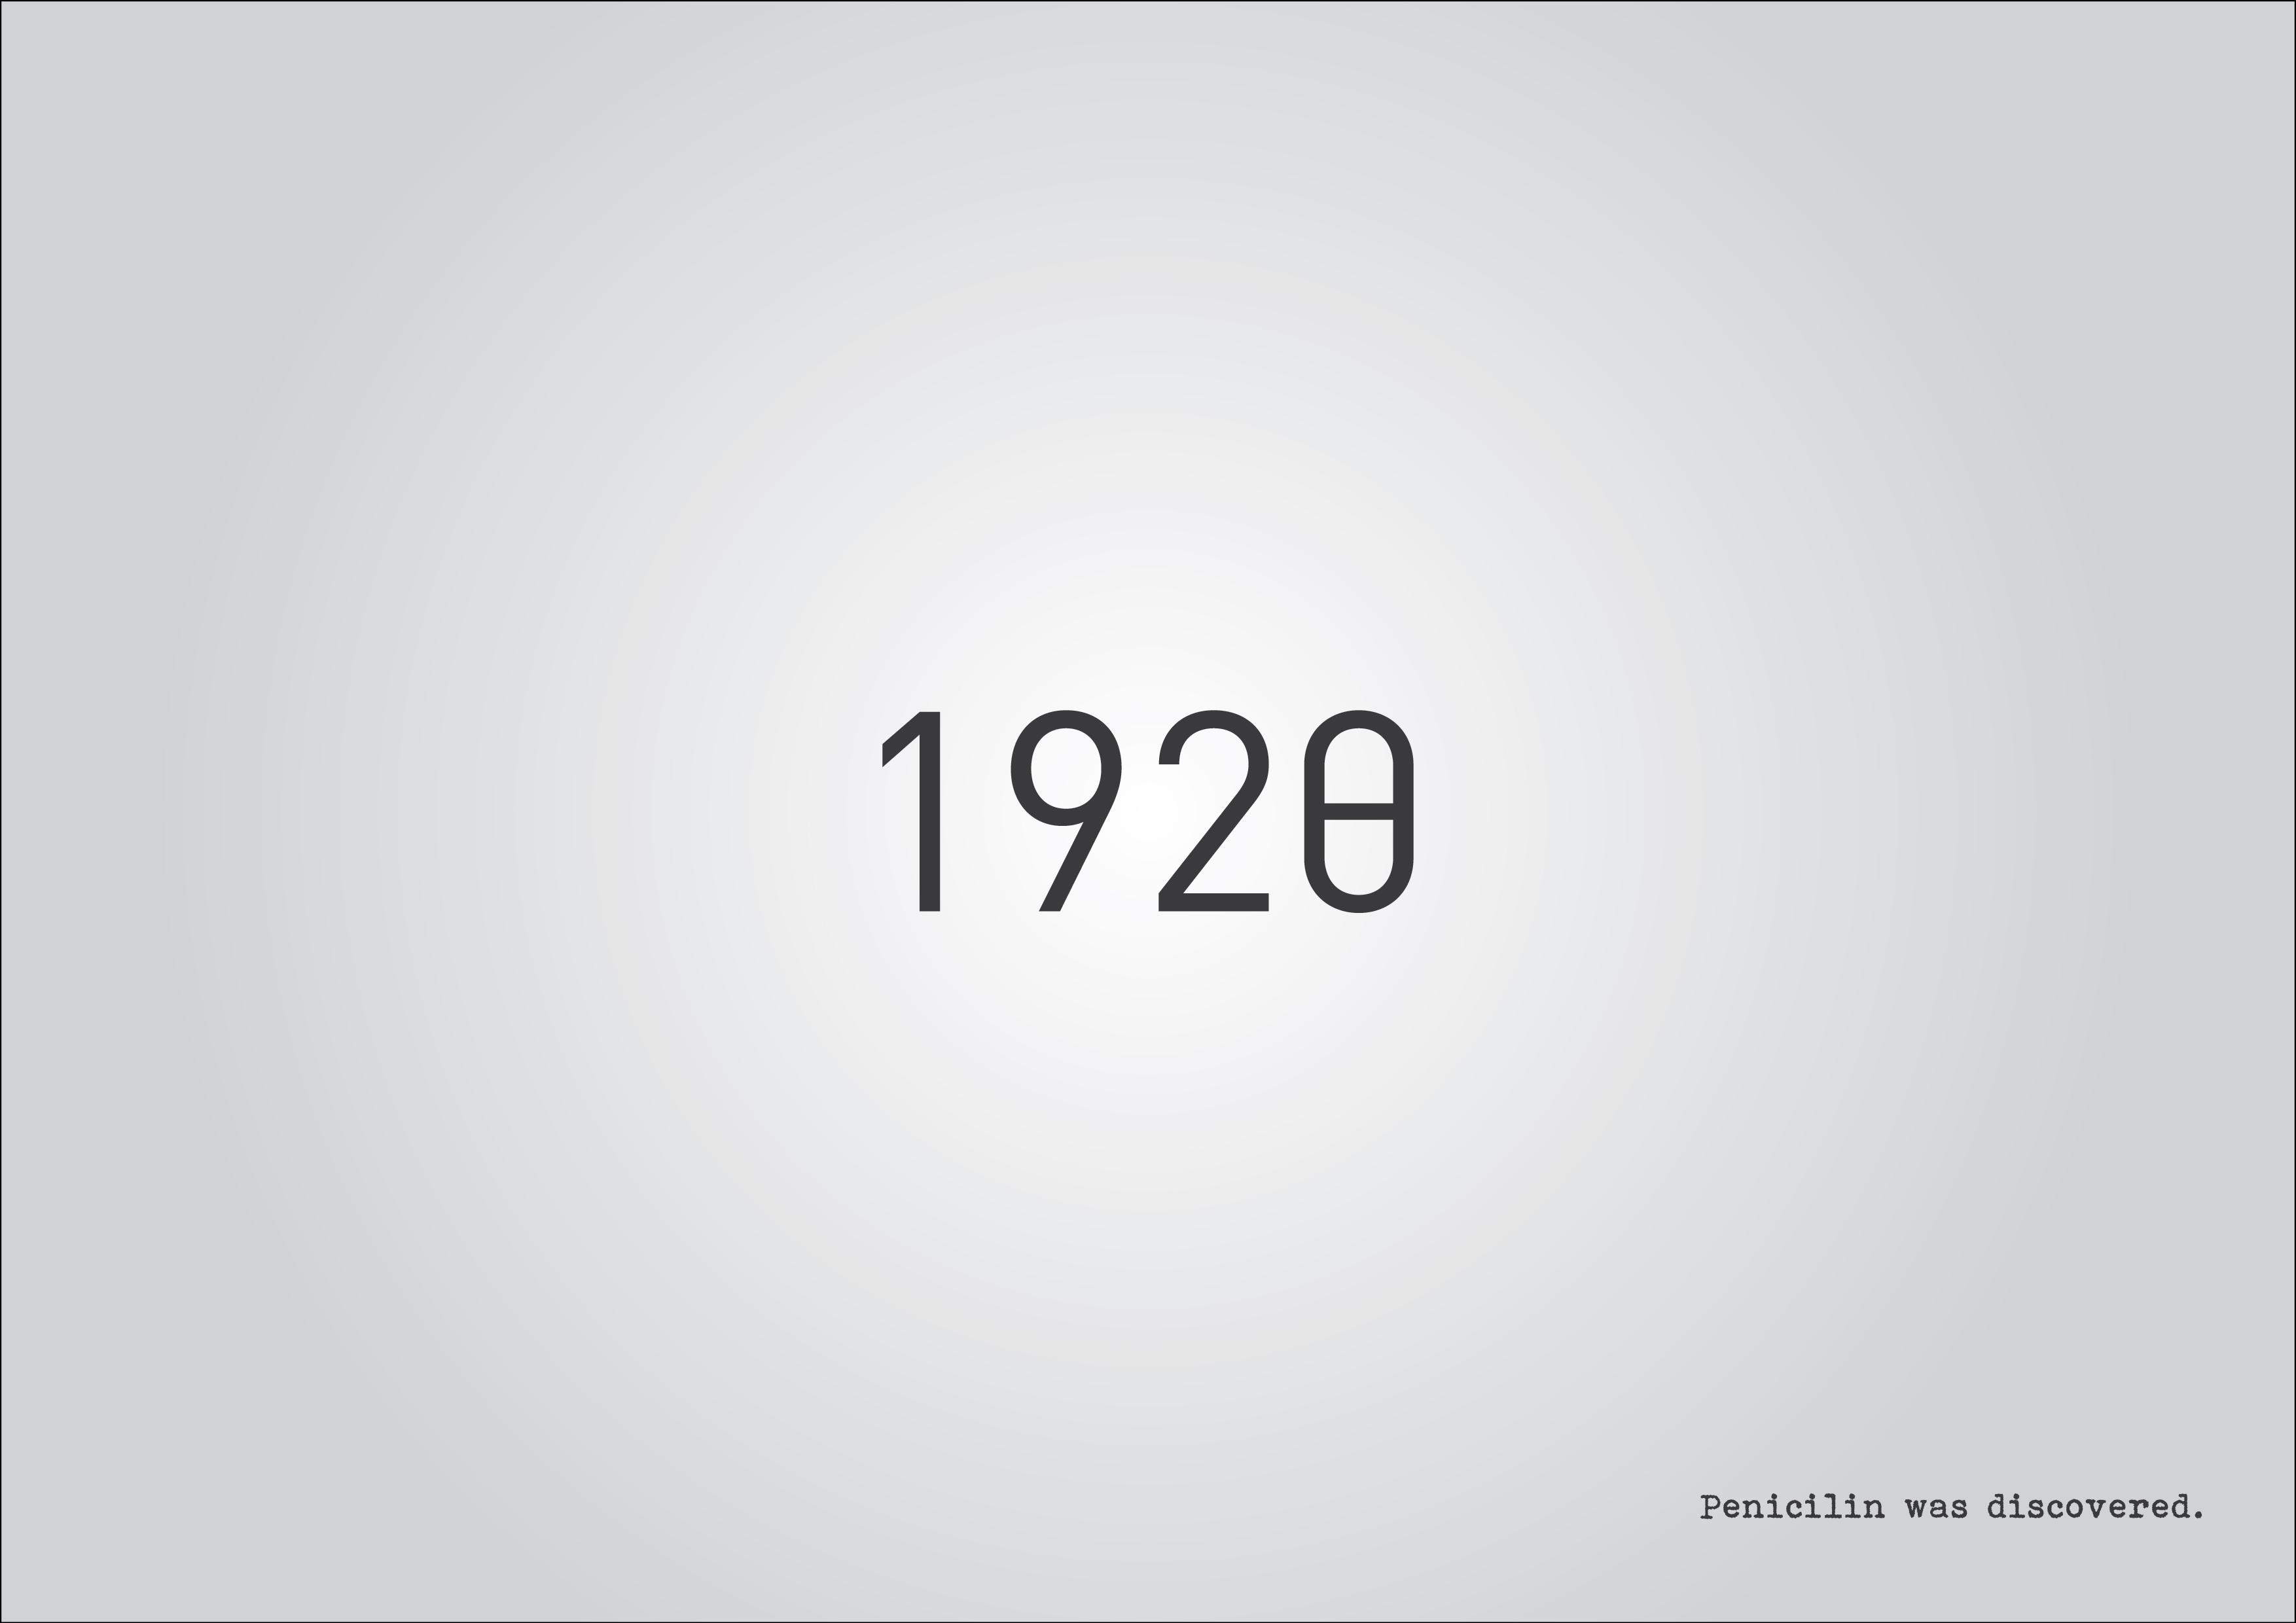 Penicilin-01